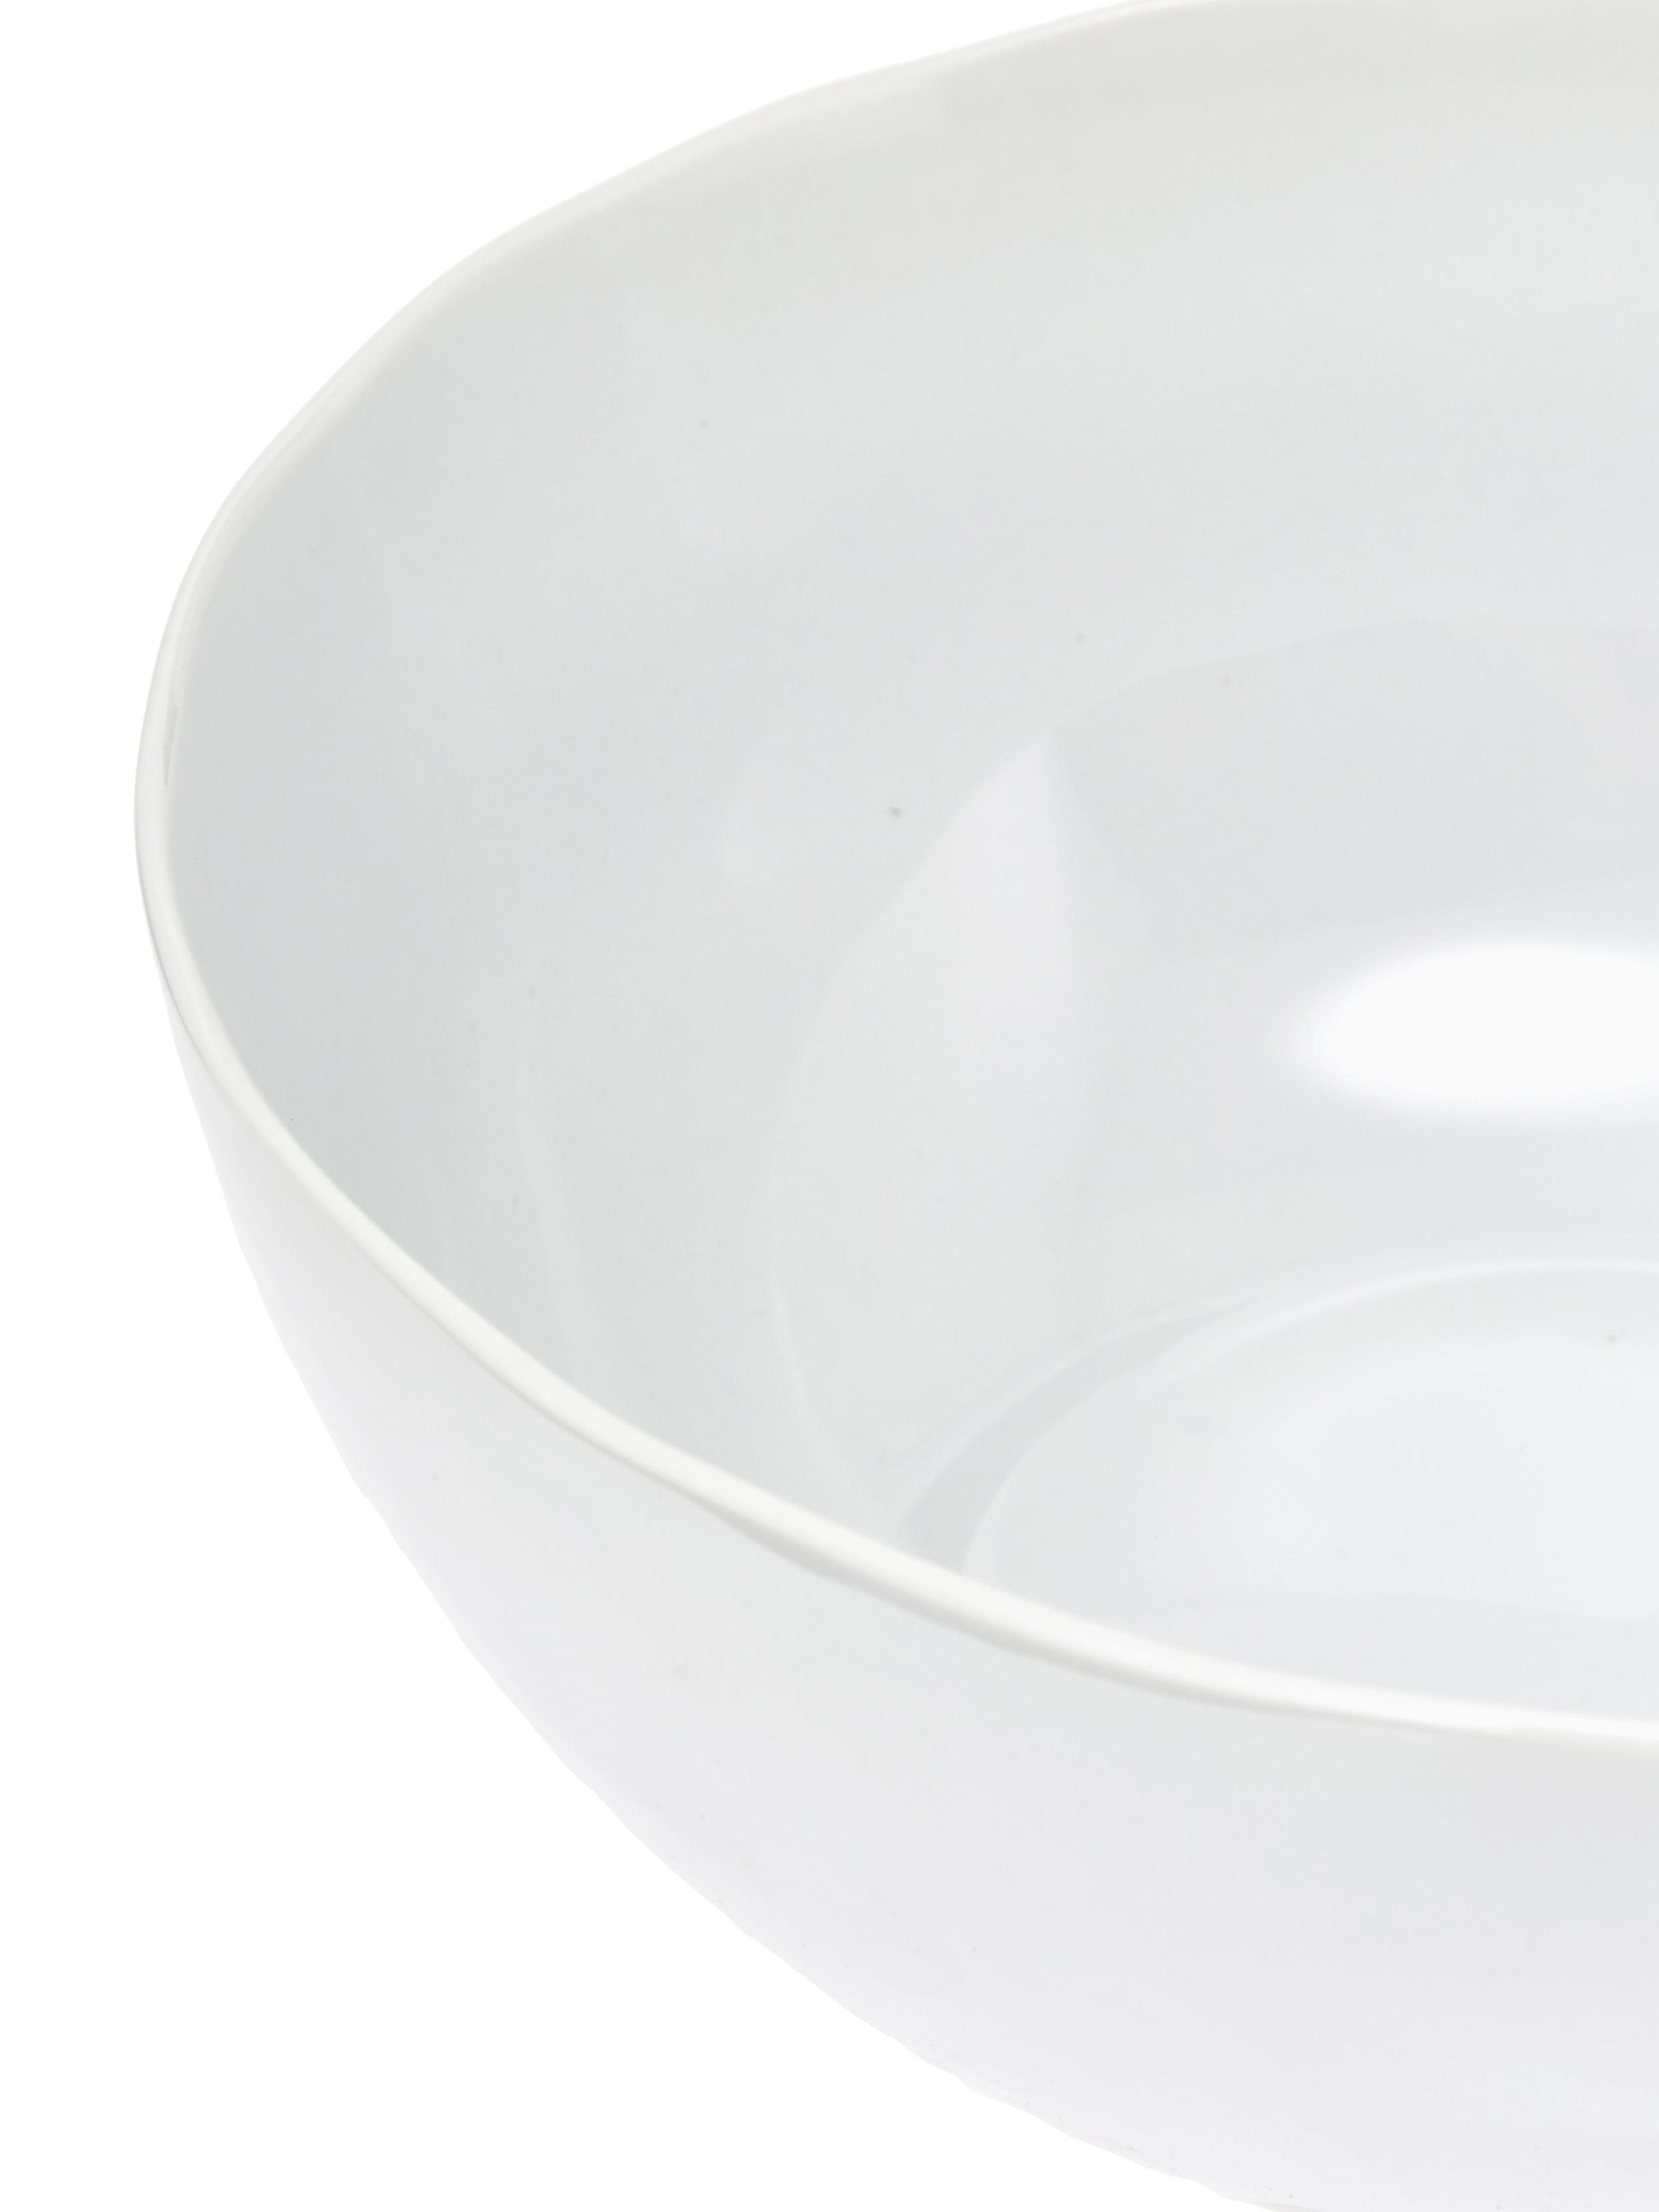 Schüssel Porcelino mit unebener Oberfläche, Porzellan, gewollt ungleichmäßig, Weiß, Ø 24 x H 10 cm